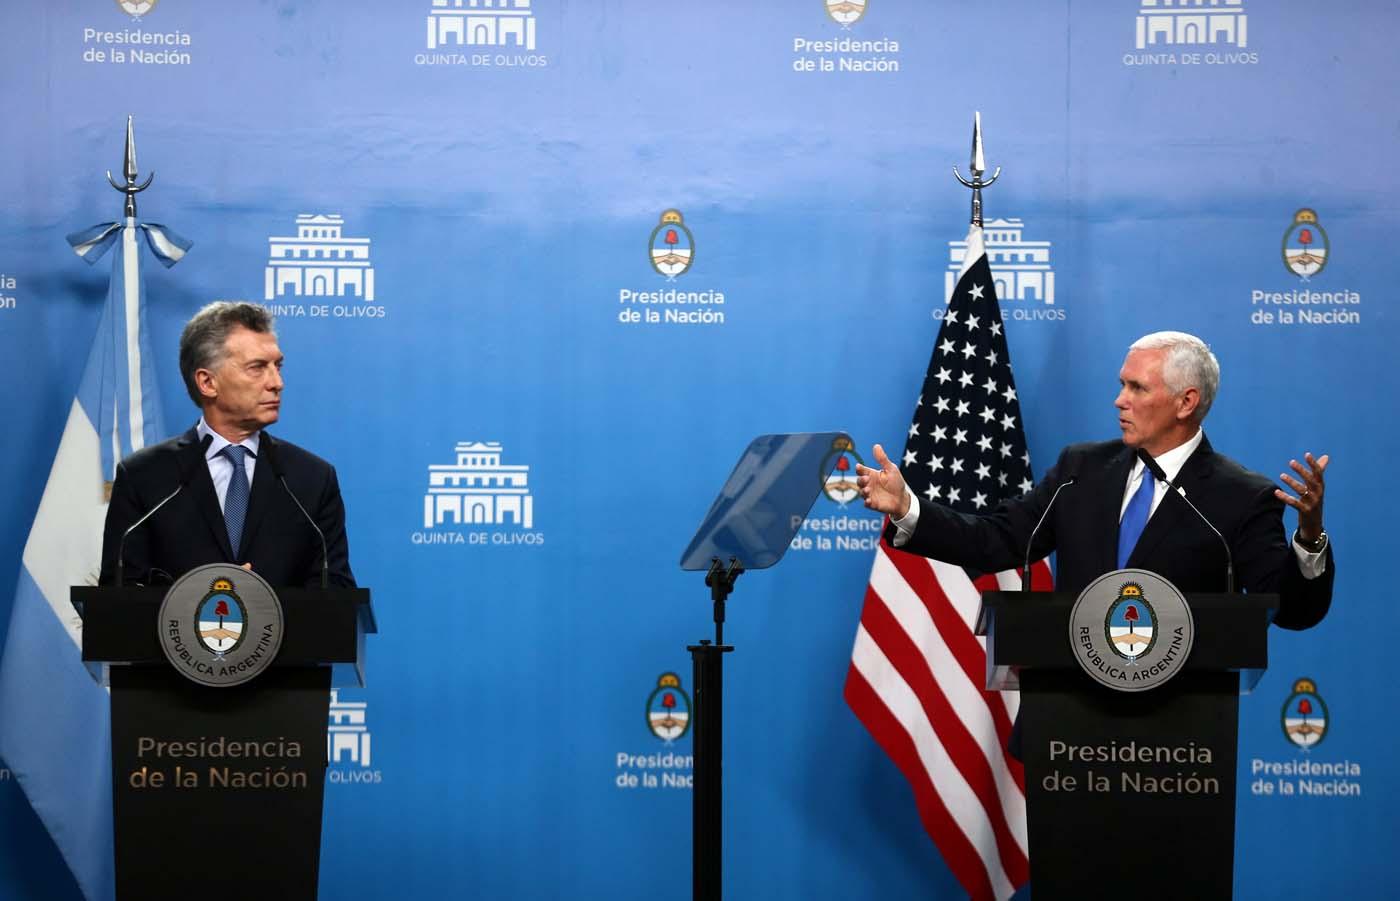 El vicepresidente estadounidense, Mike Pence, habla junto al presidente argentino, Mauricio Macri, durante una conferencia en Buenos Aires, el 15 de agosto de 2017. REUTERS/Marcos Brindicci - RTS1BWJY